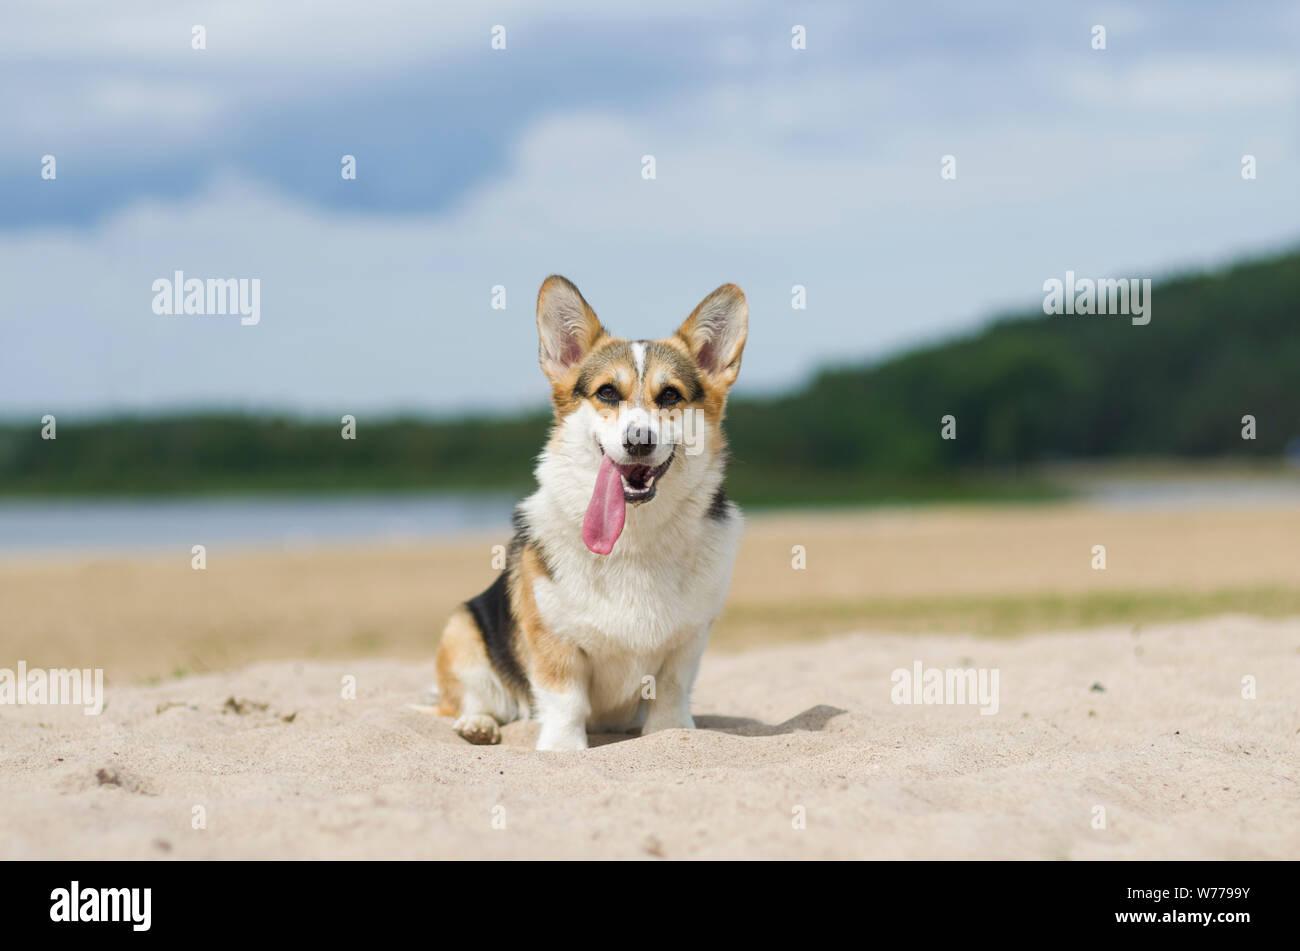 Welsh Corgi pembroke perro en la arena de la playa, relajarse y tomar el sol en verano, Belarús, Lake Shore Braslaw Foto de stock